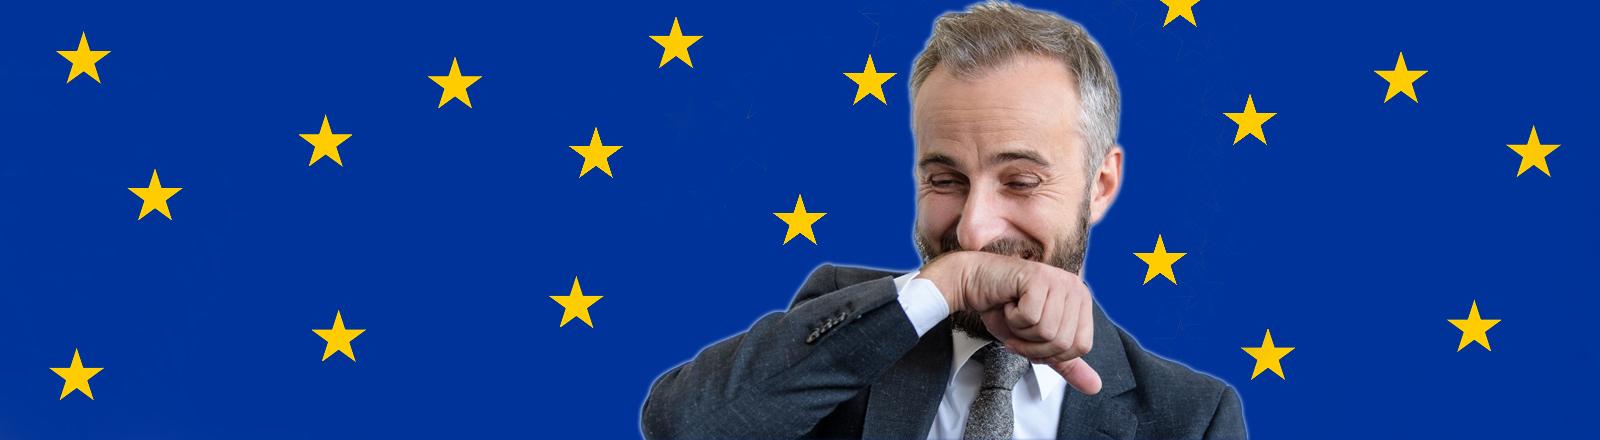 Jan Böhmermann vor Europaflagge, bei der die Sterne wie Schneeflocken fallen